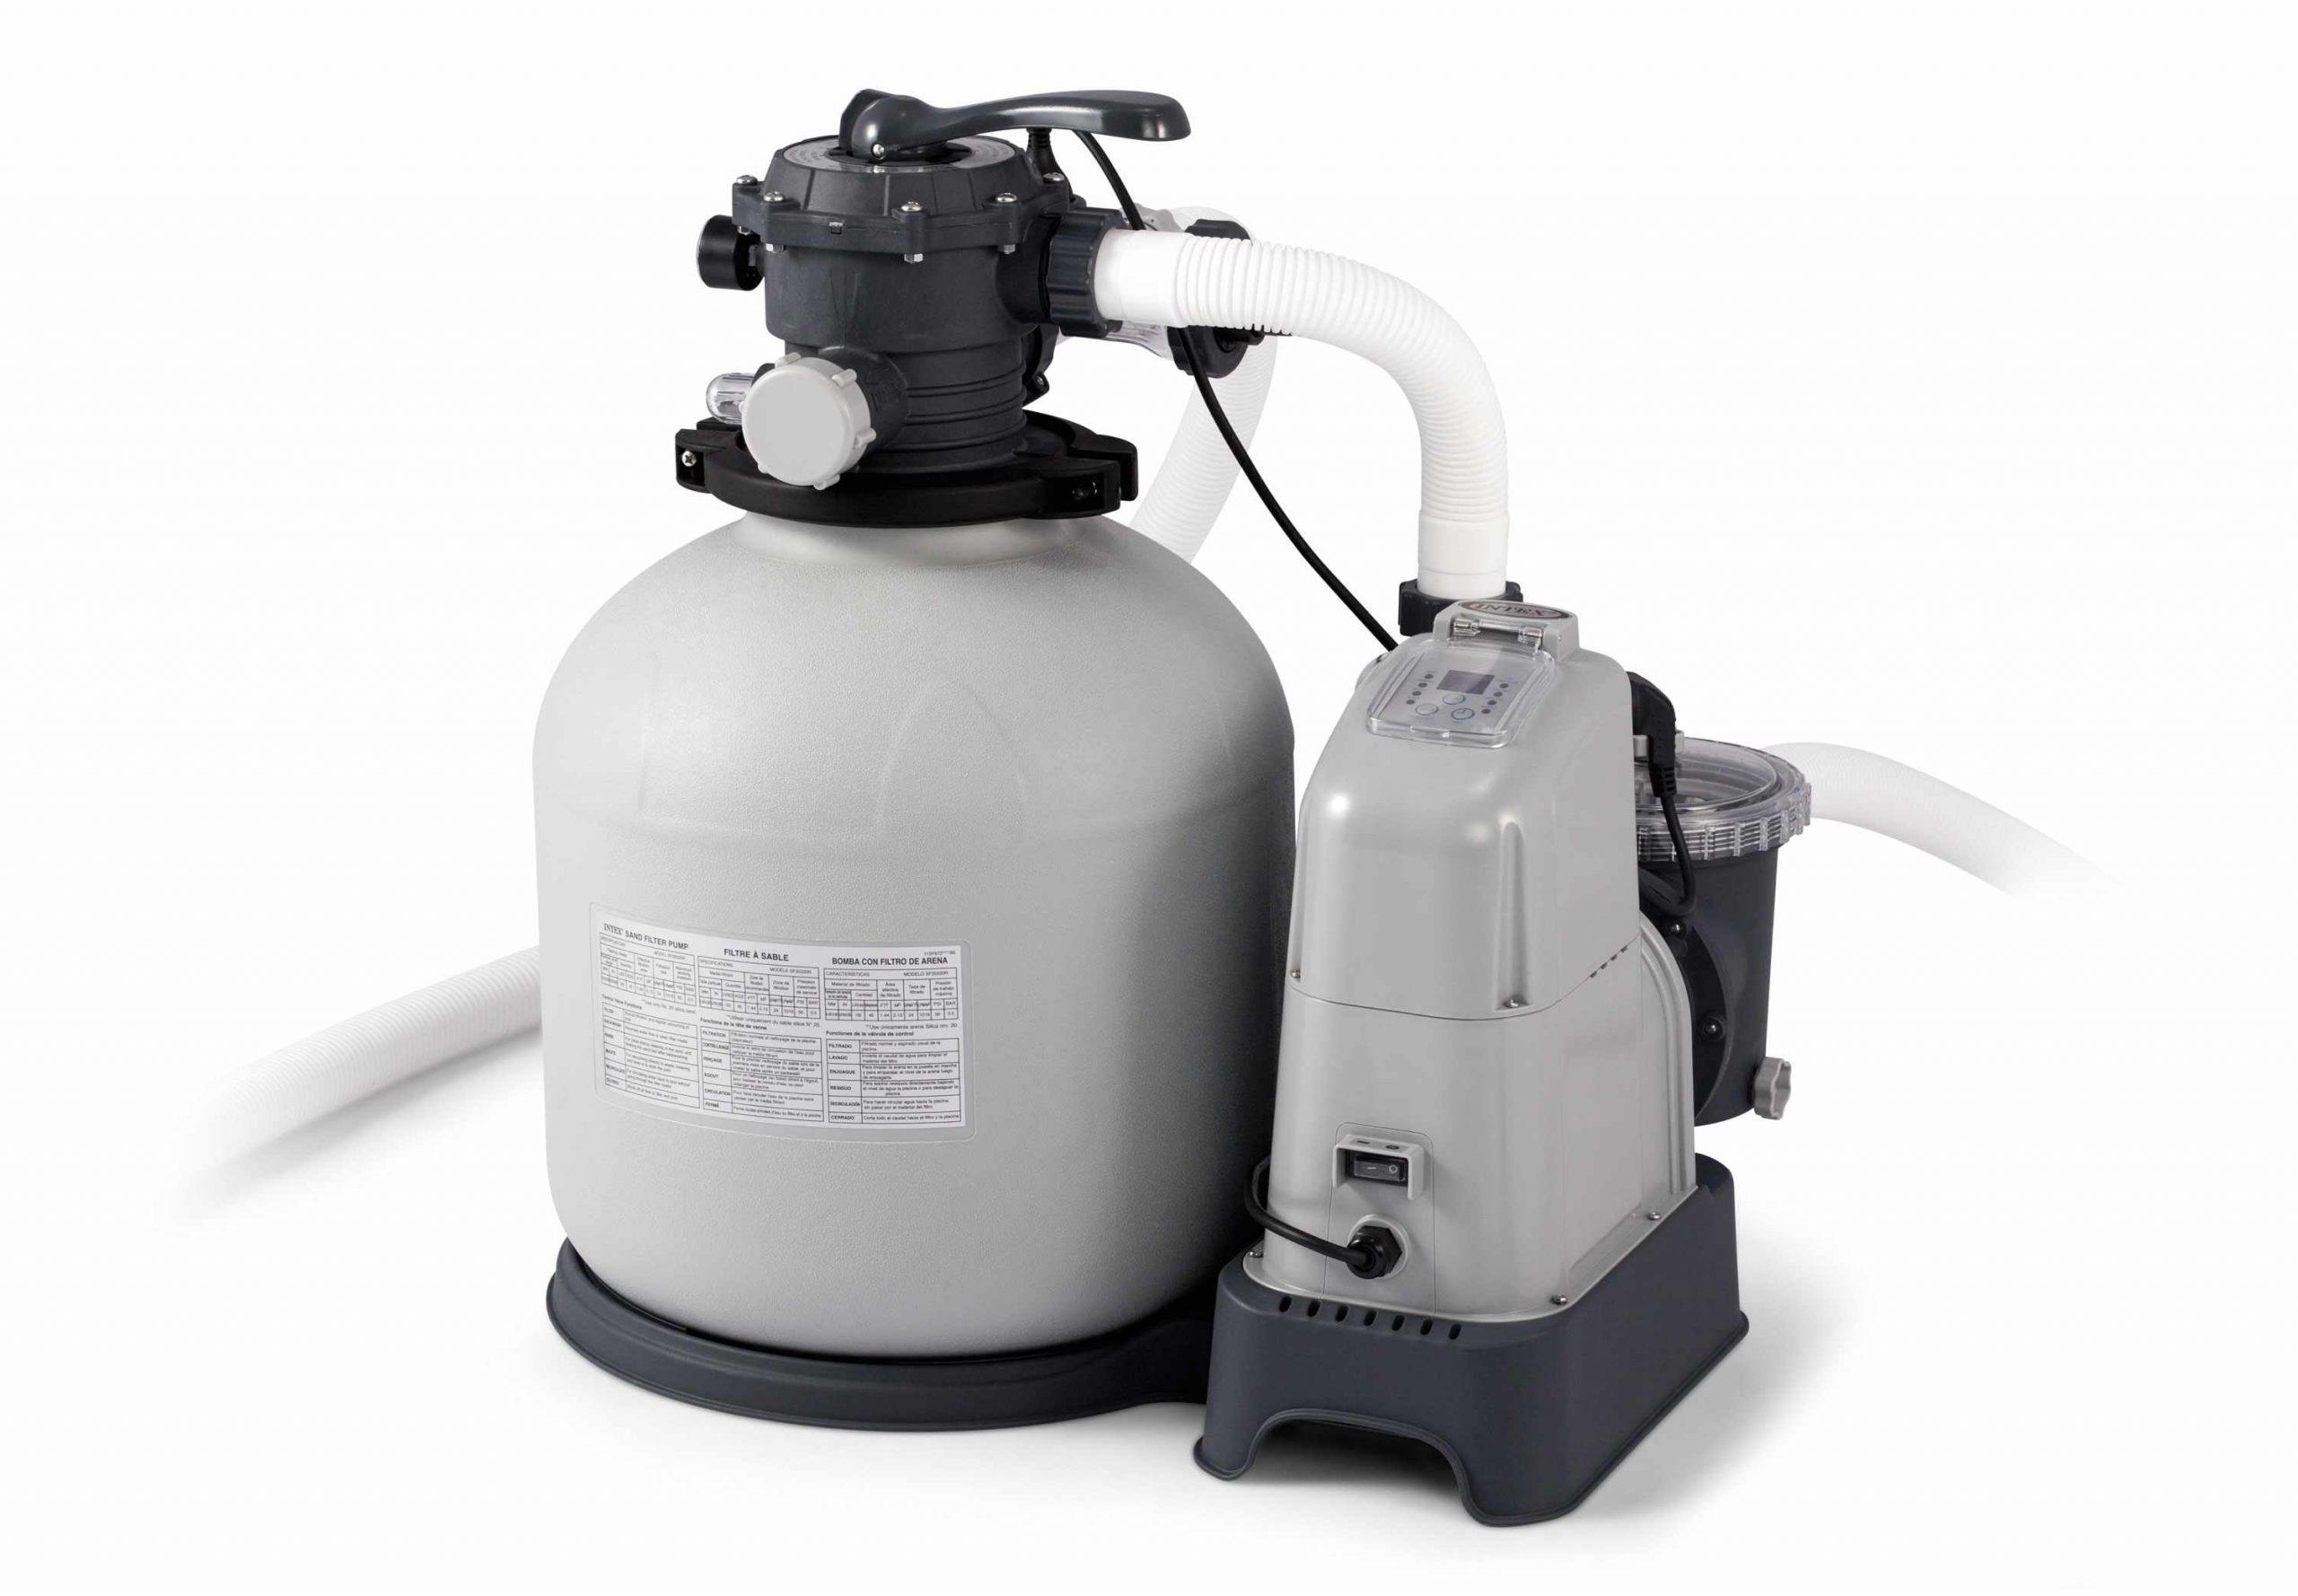 Intex Pompe 28680 Filtre Sable Piscines Hors Sol 10000 Lt/hr à Sable Pour Pompe Piscine